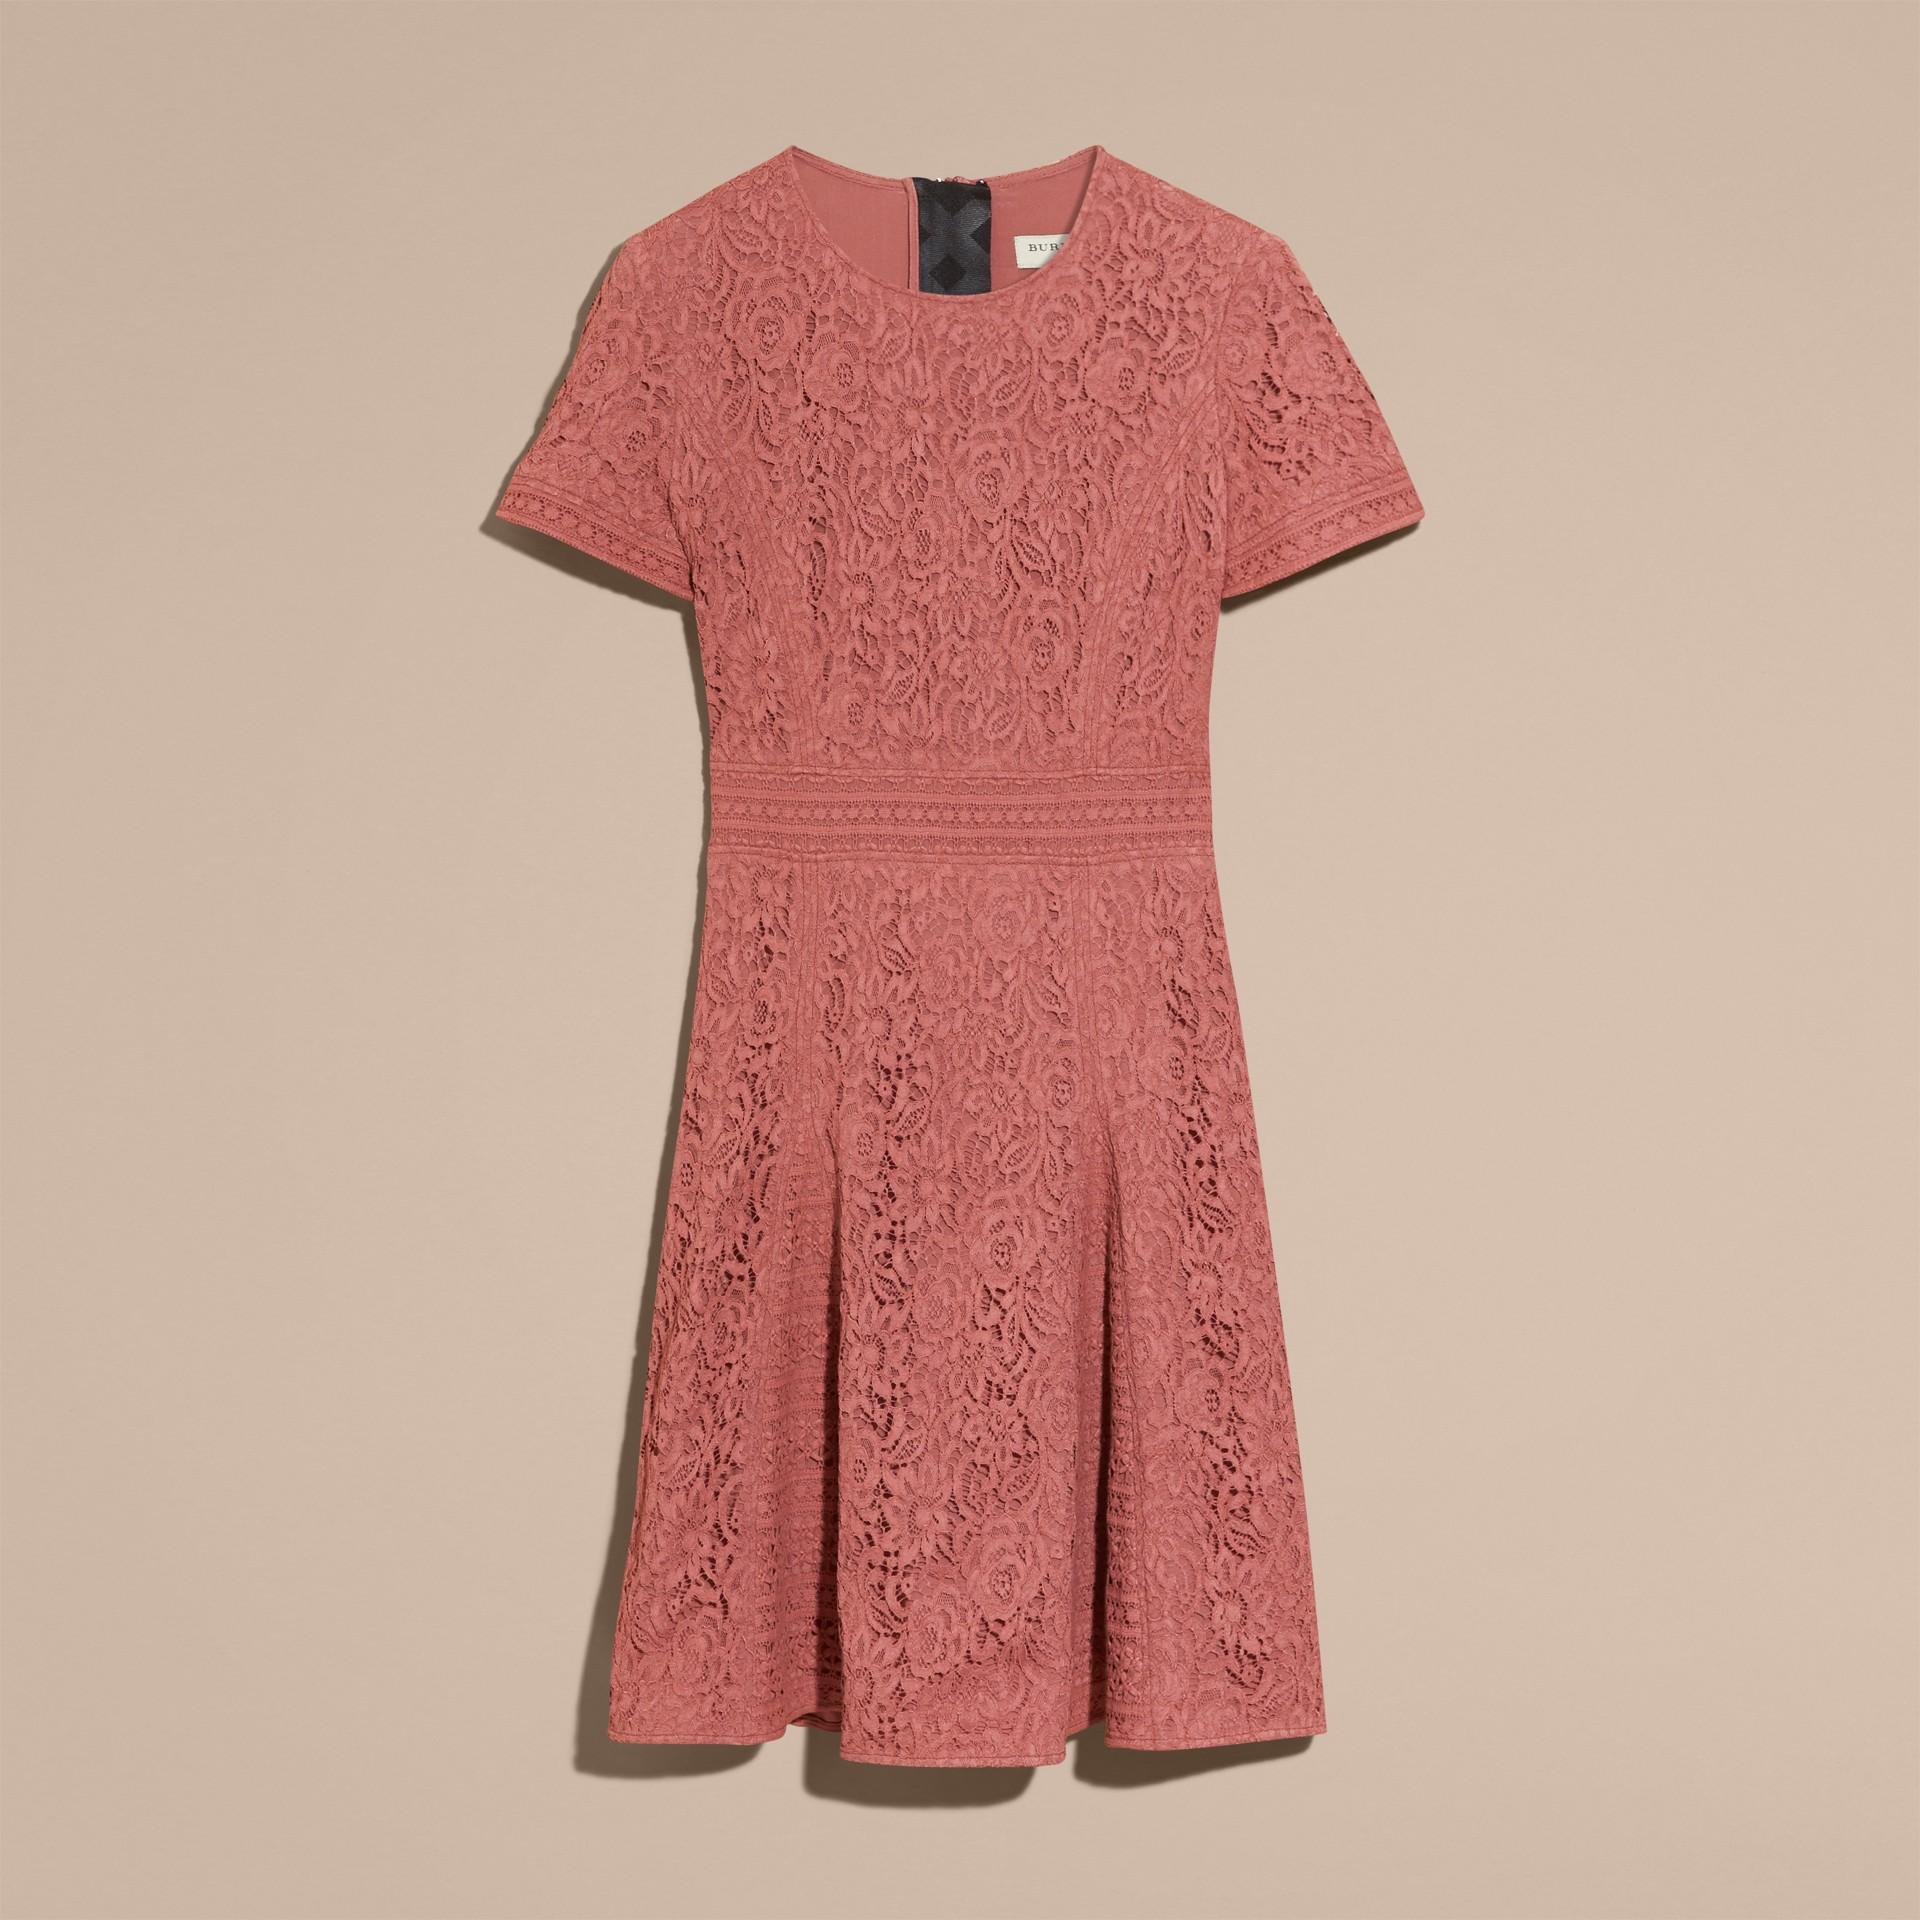 Malvenfarben-rosa Kleid in A-Linie aus italienischer Spitze - Galerie-Bild 4